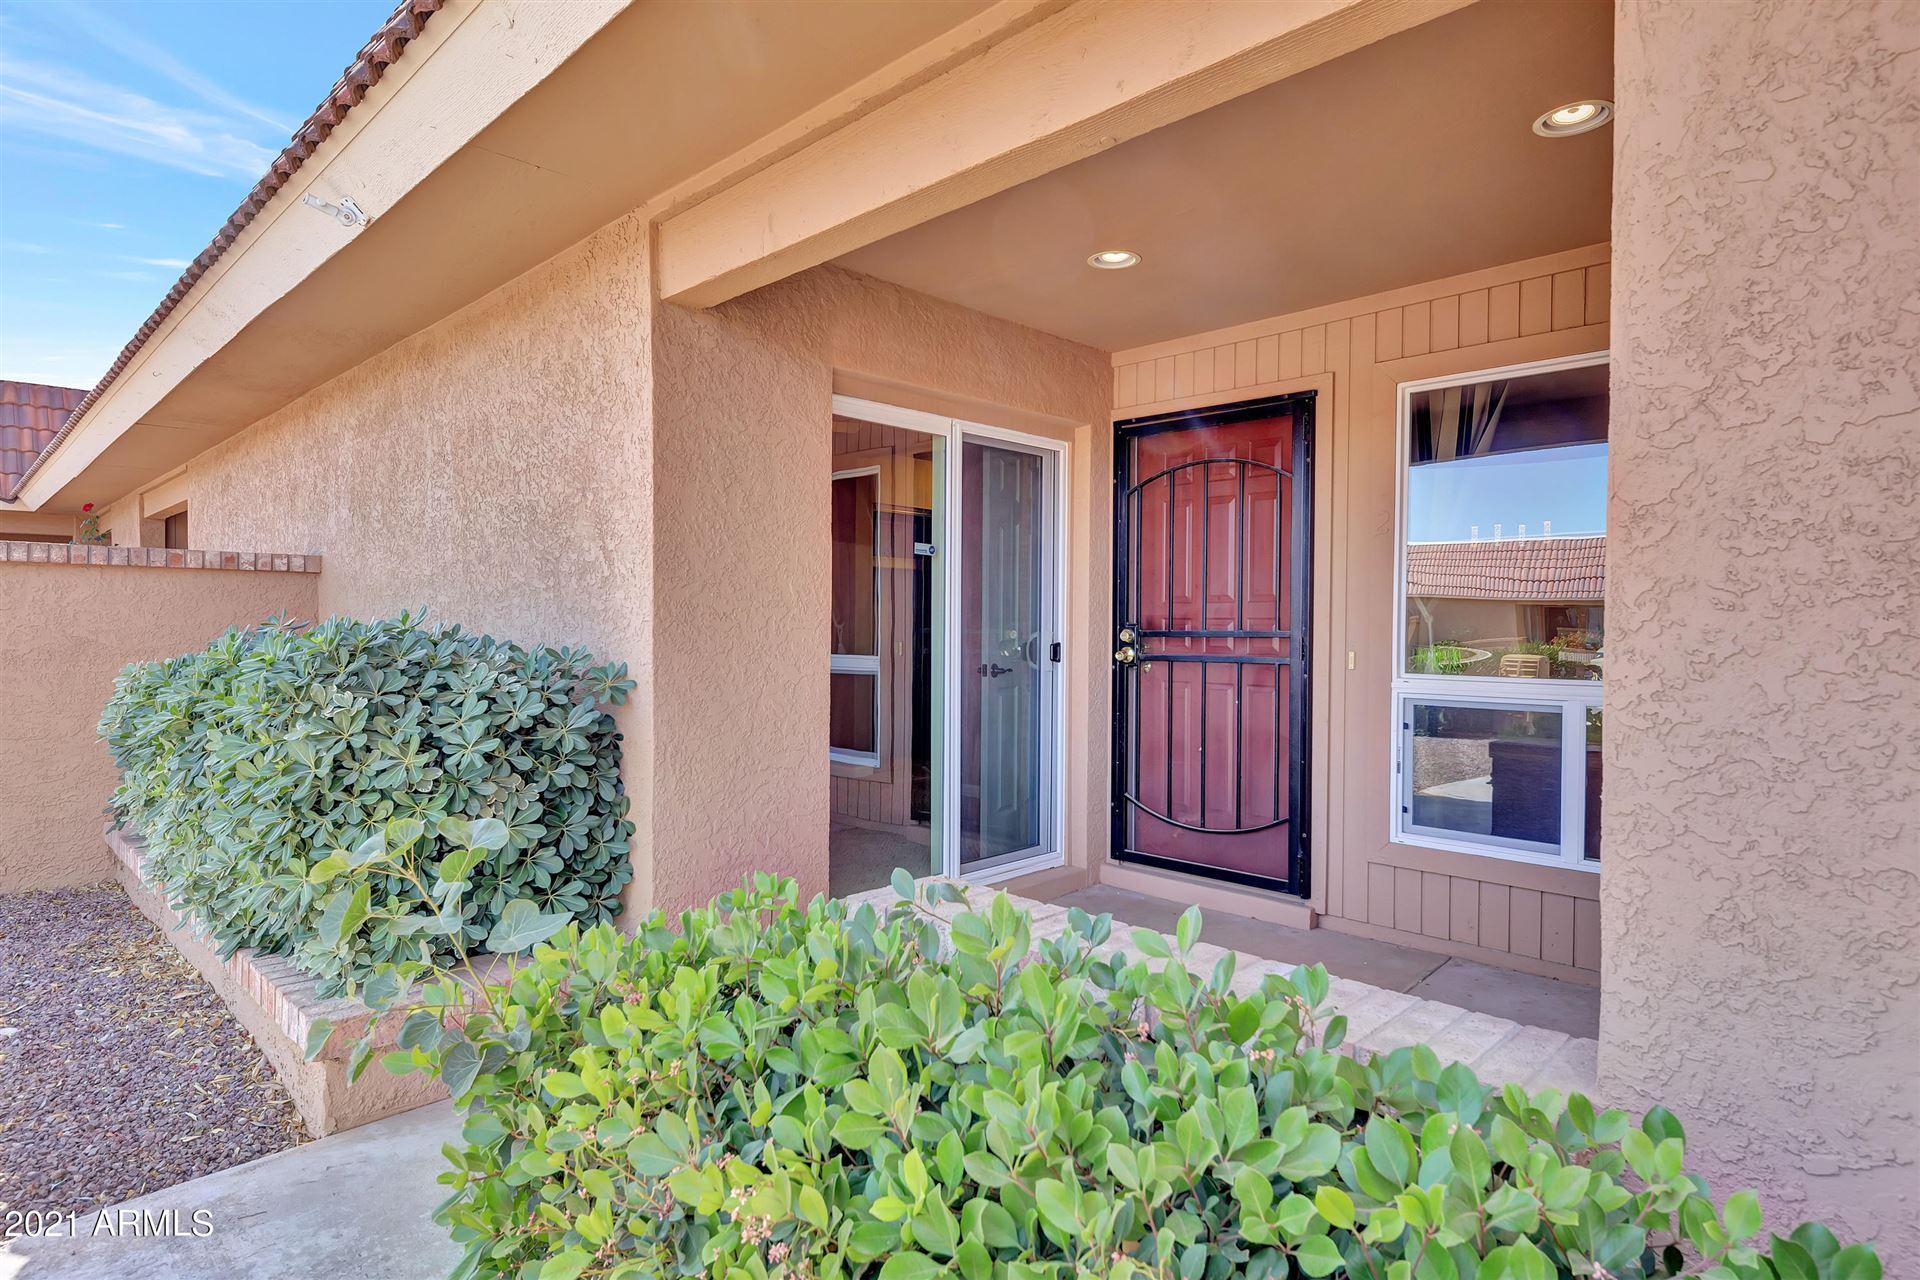 Photo of 427 W PONTIAC Drive #2, Phoenix, AZ 85027 (MLS # 6232151)